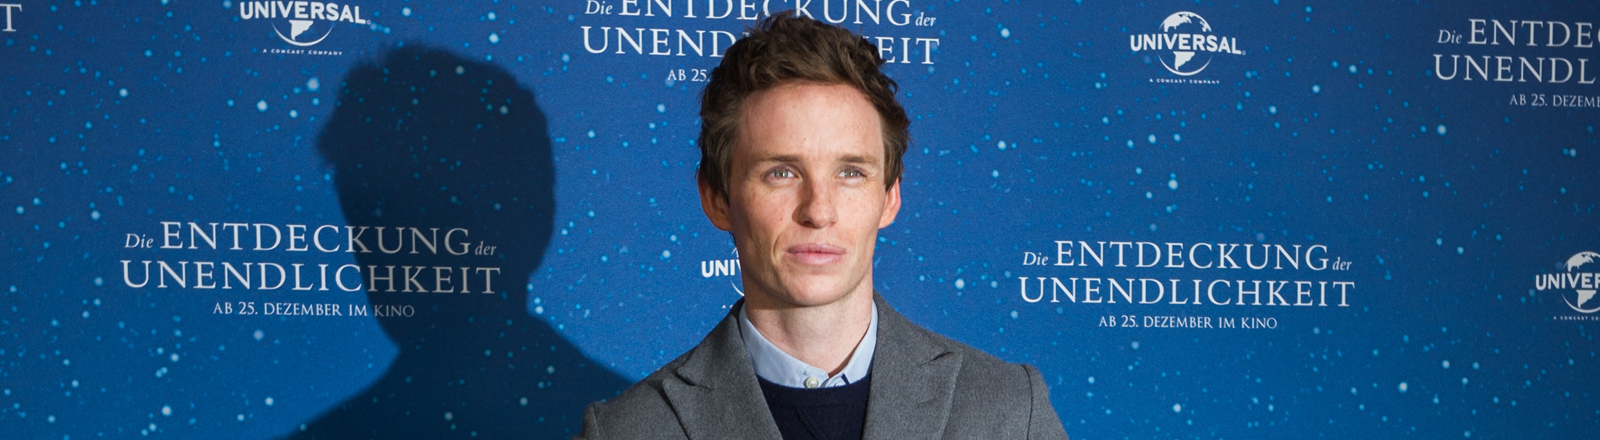 """Der Schauspieler Eddie Redmayne, aufgenommen am 24.11.2014 in München (Bayern) bei einem Pressetermin zum neuen Film """"Die Entdeckung der Unendlichkeit""""."""